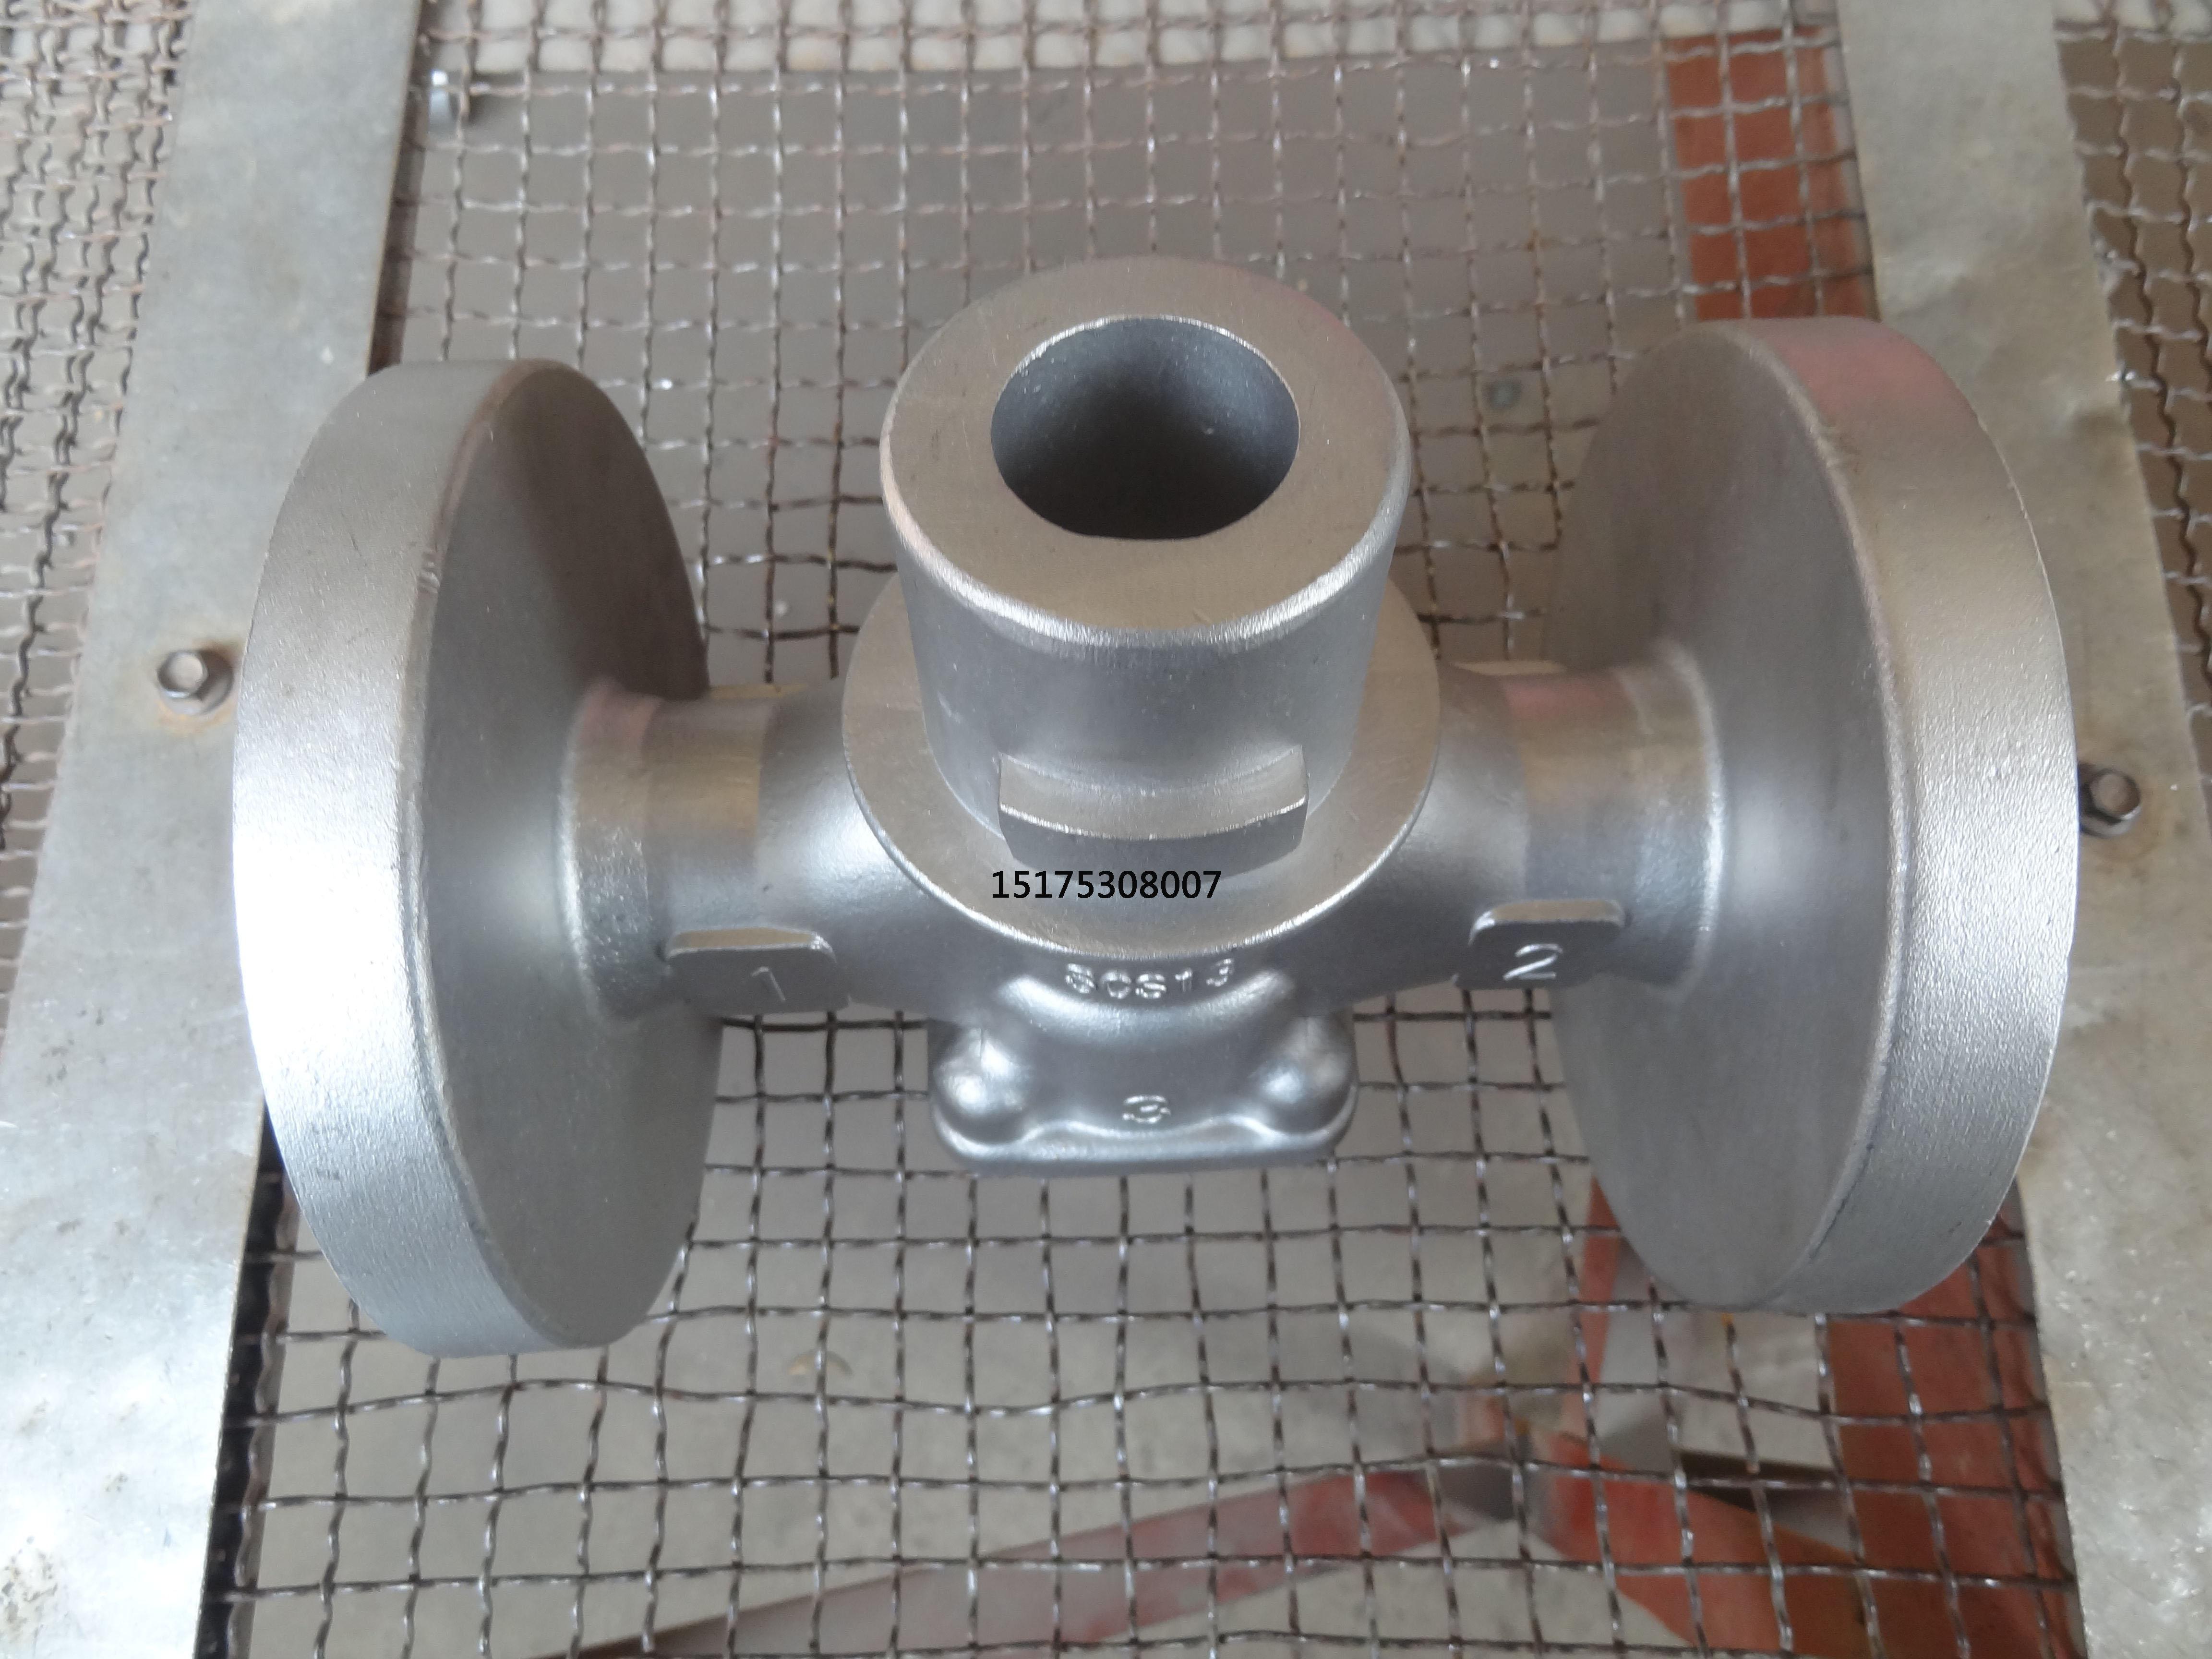 供应北京硅溶胶铸造机械零部件加工阀门配件